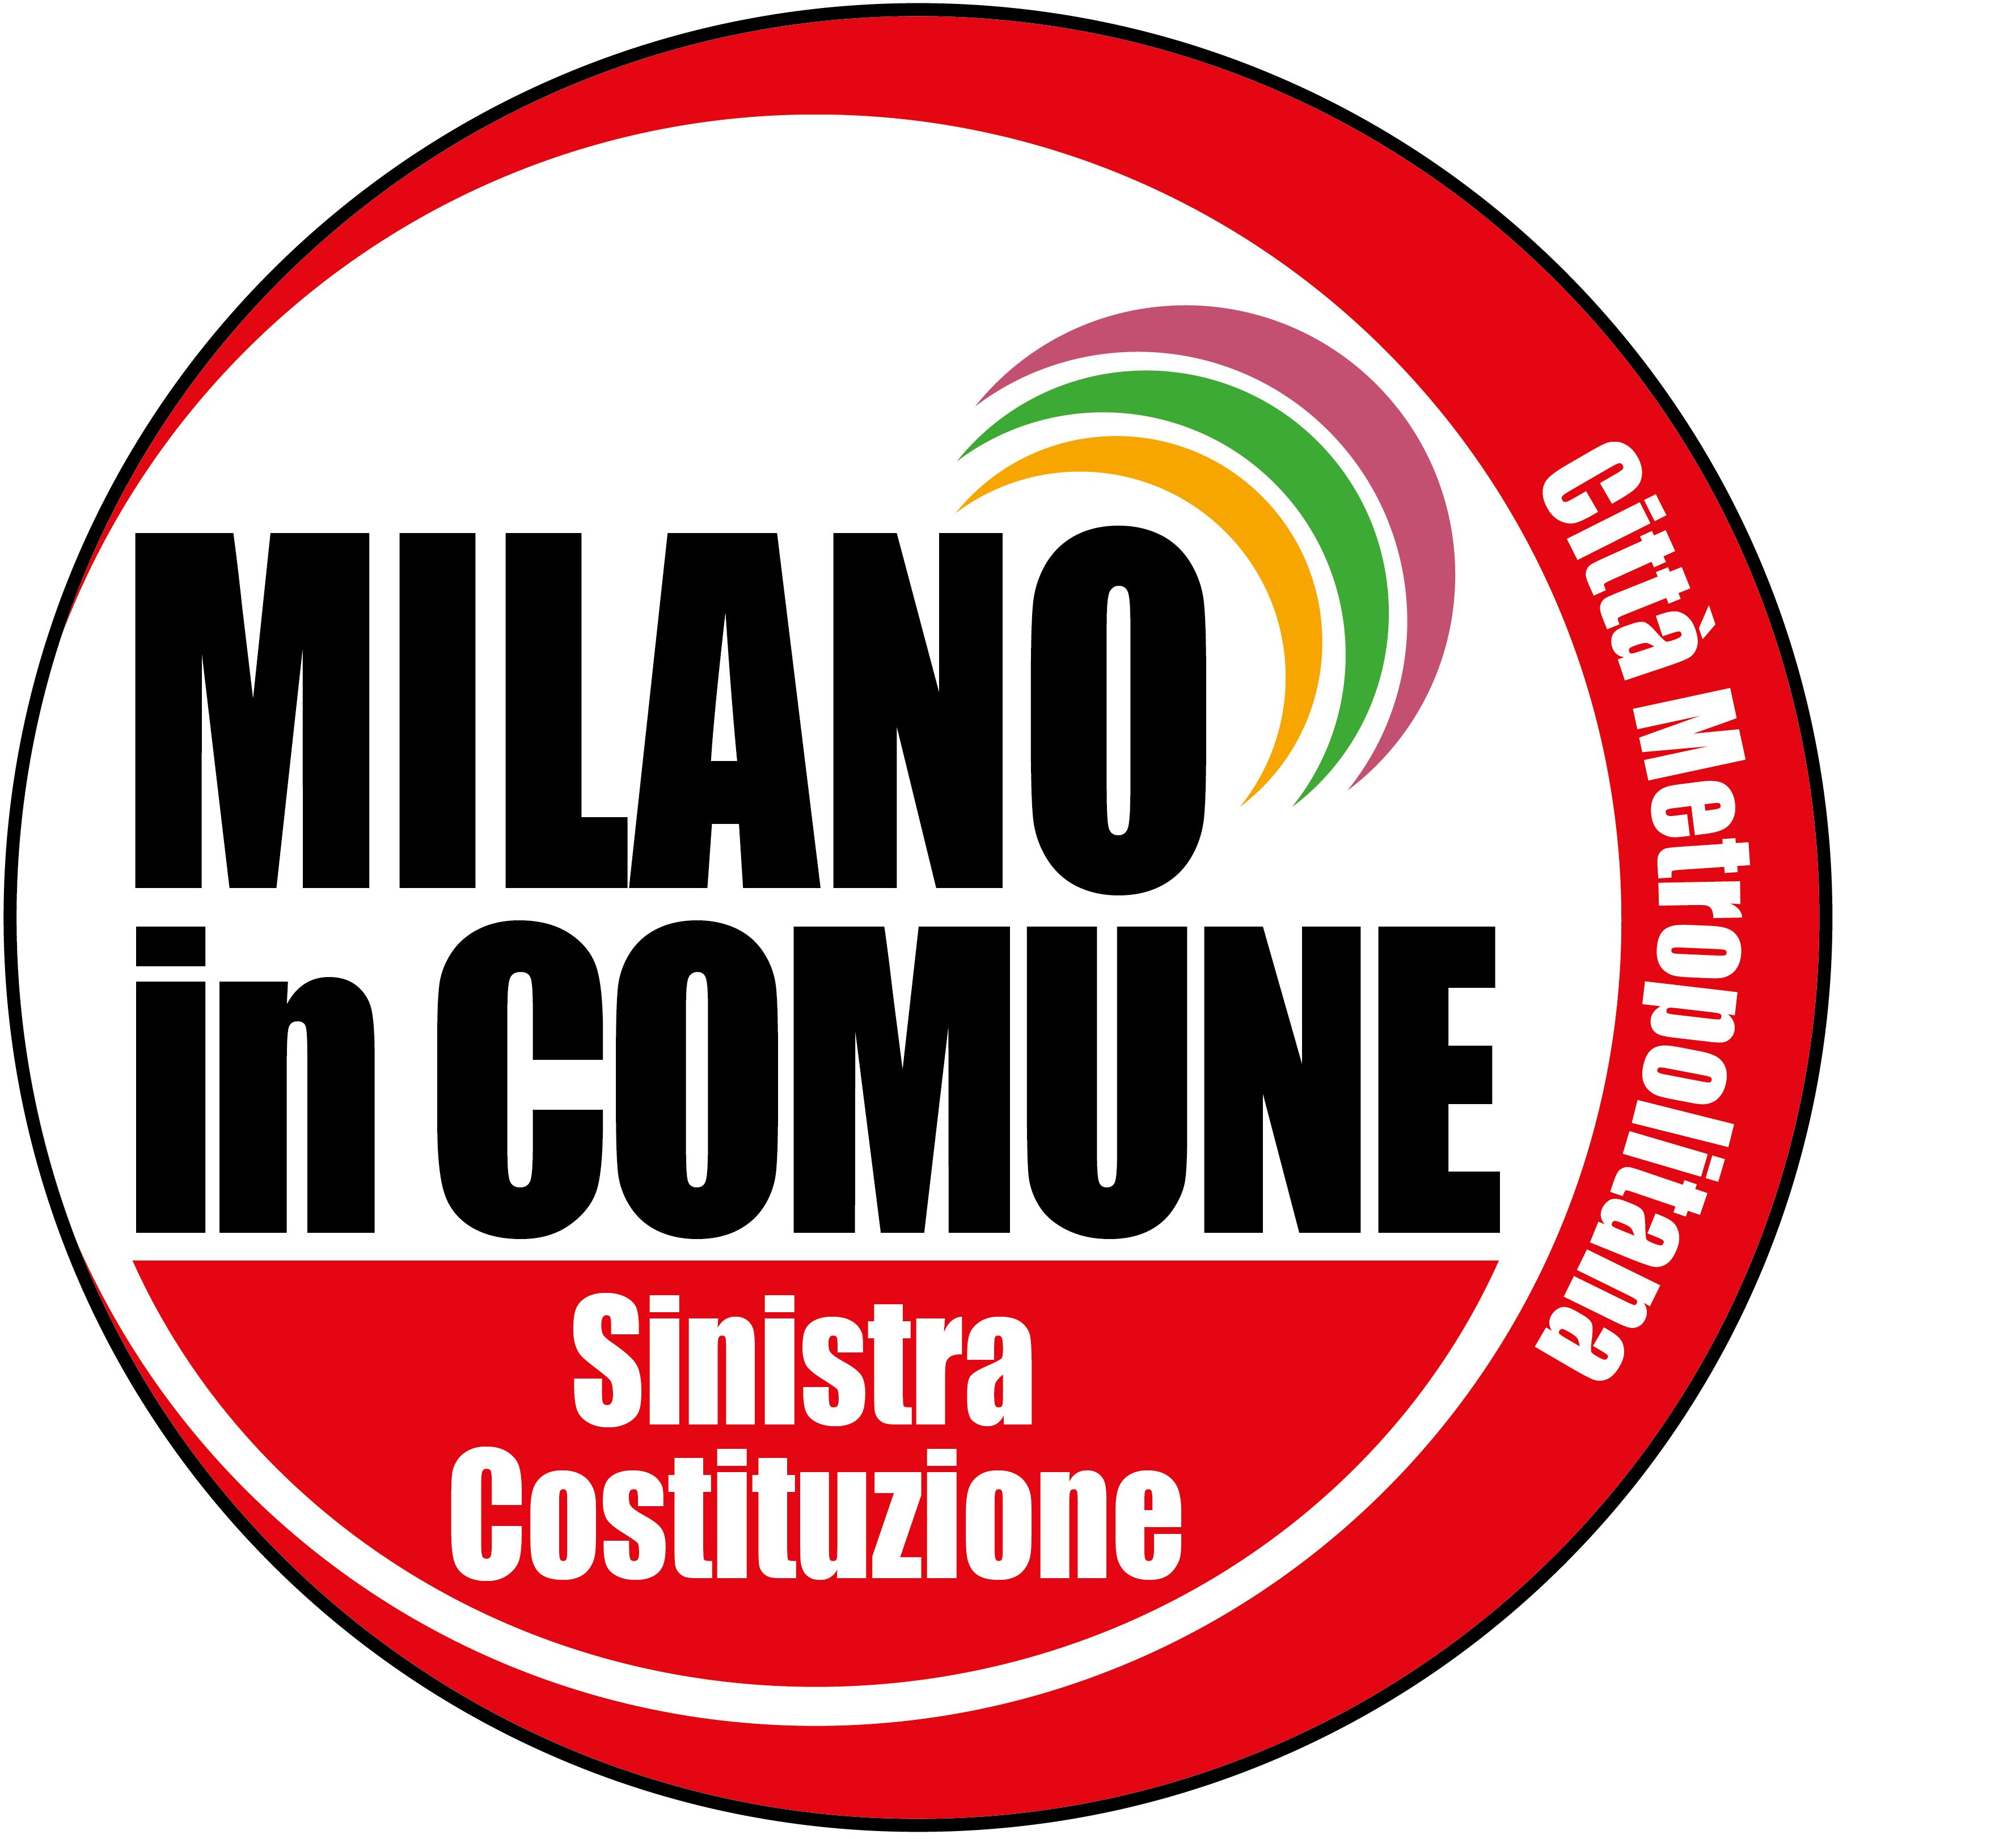 Milano in comune Sinistra e Costituzione